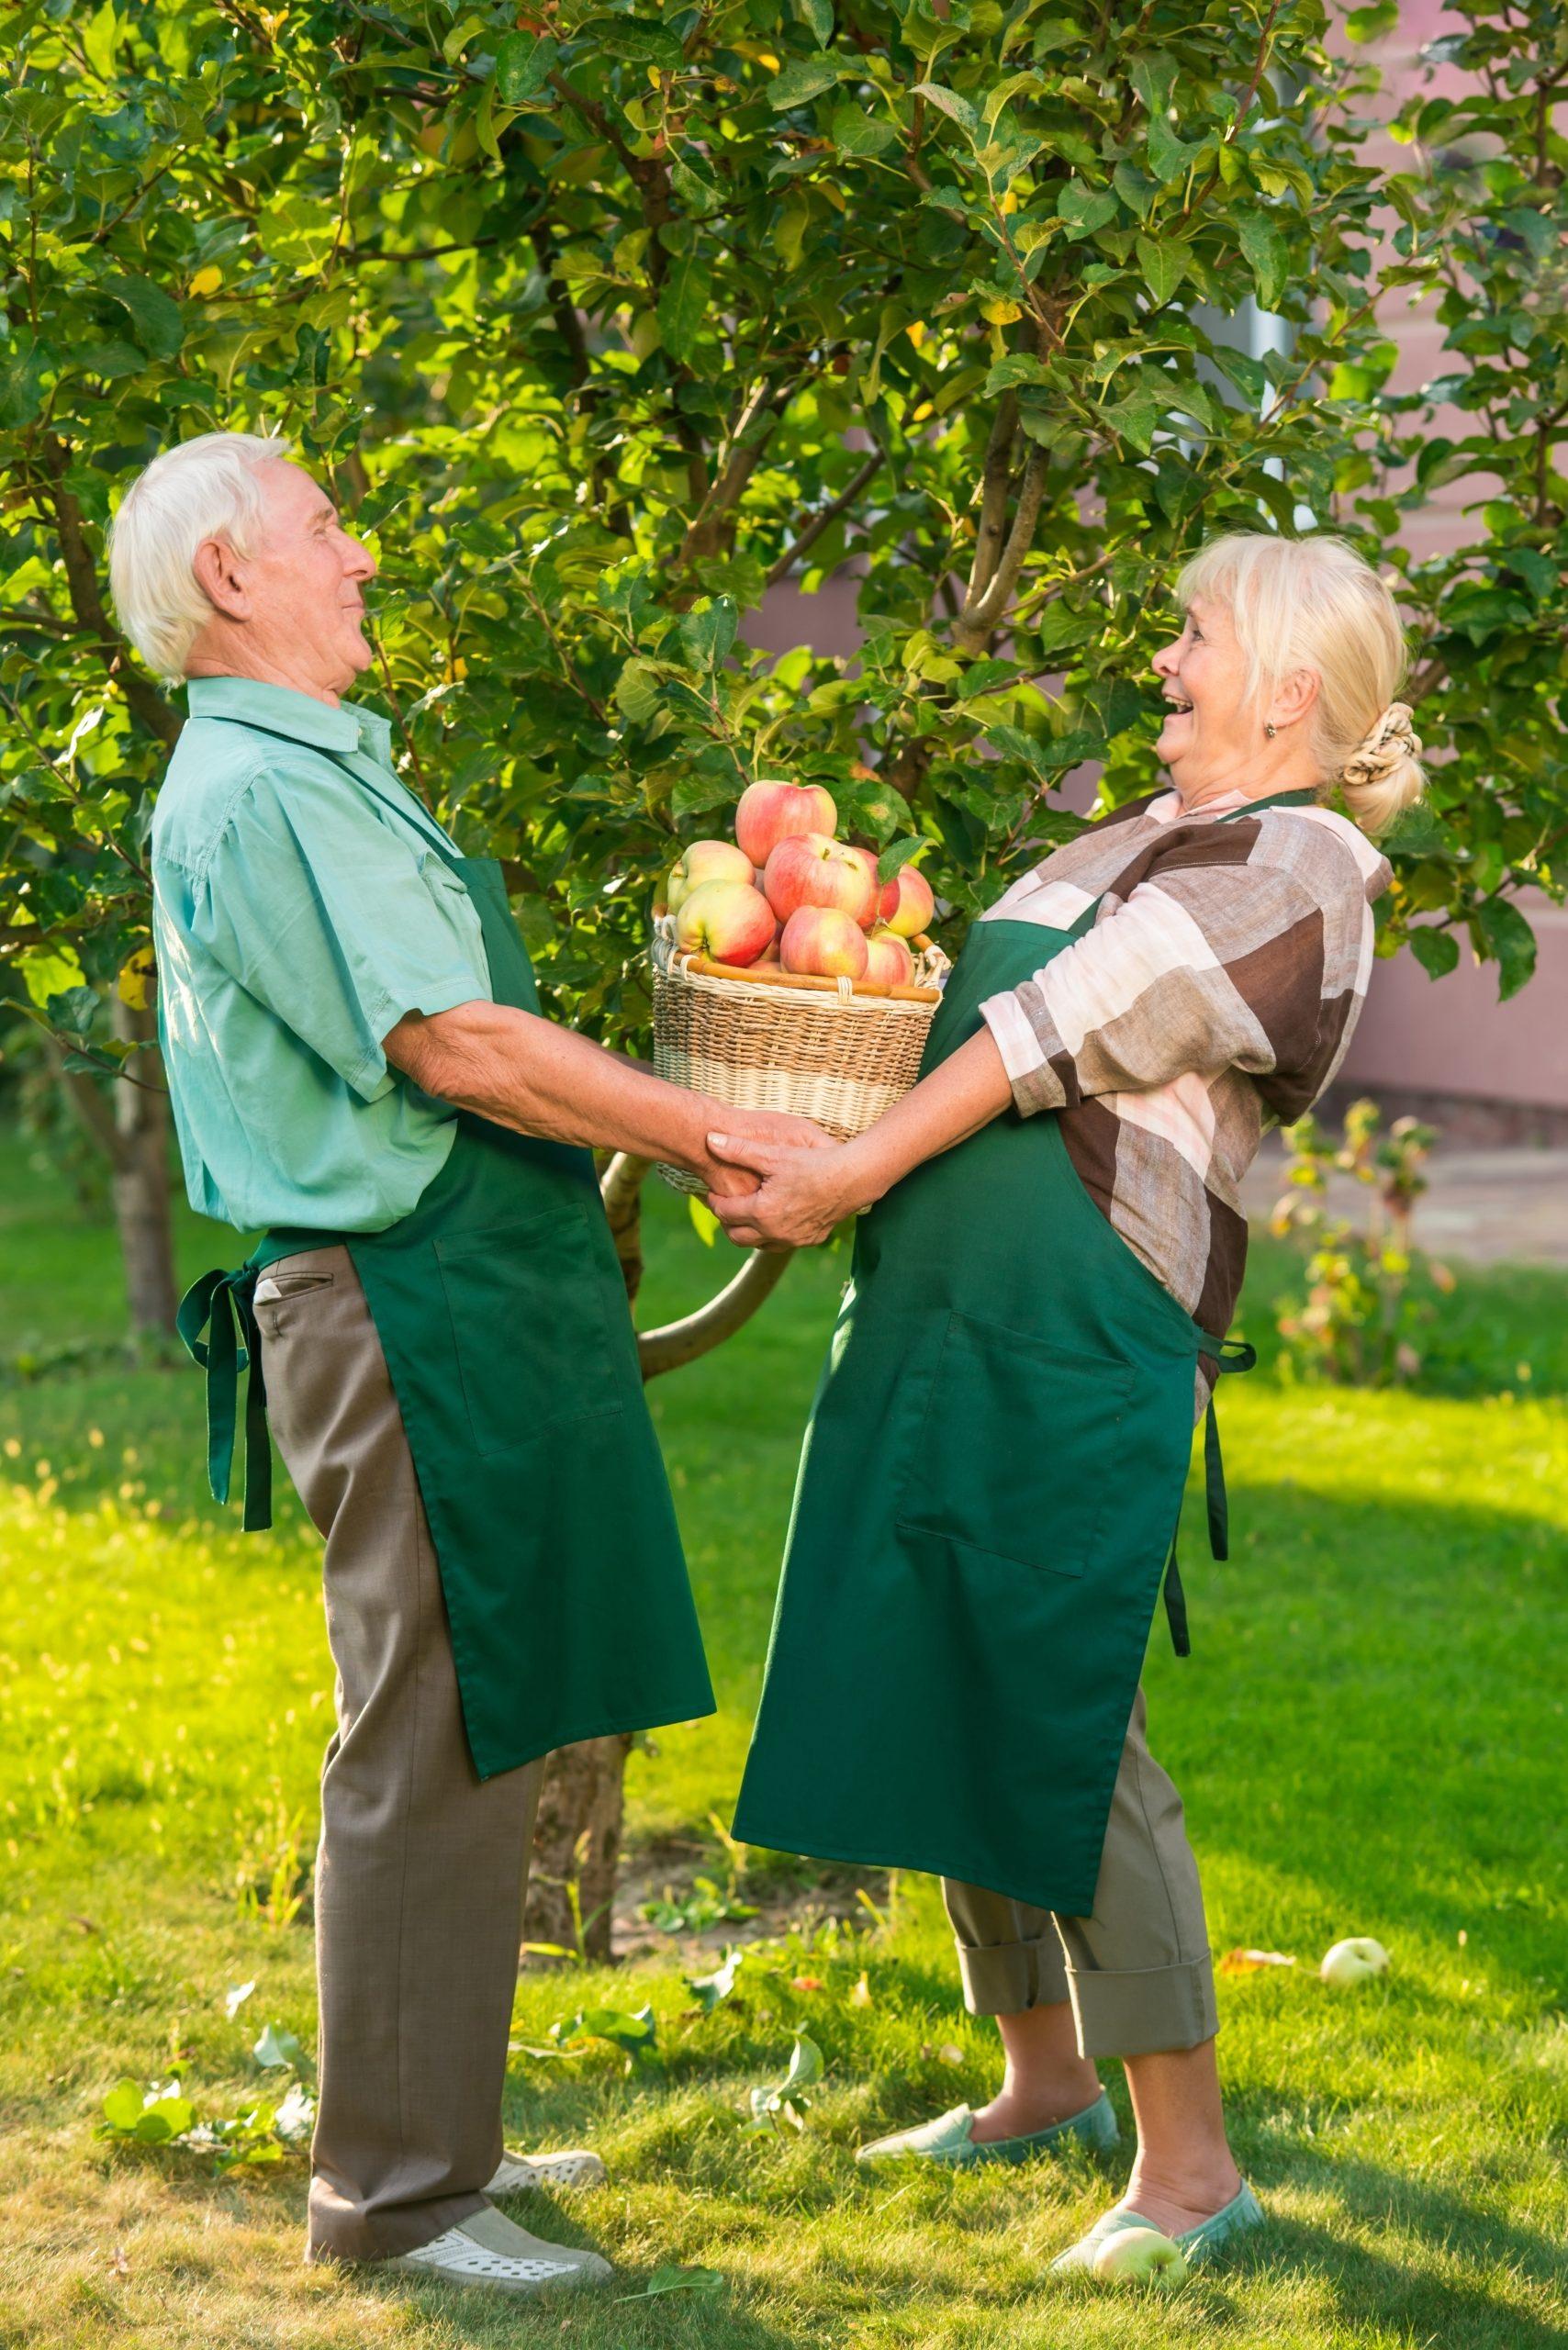 Couple holding basket